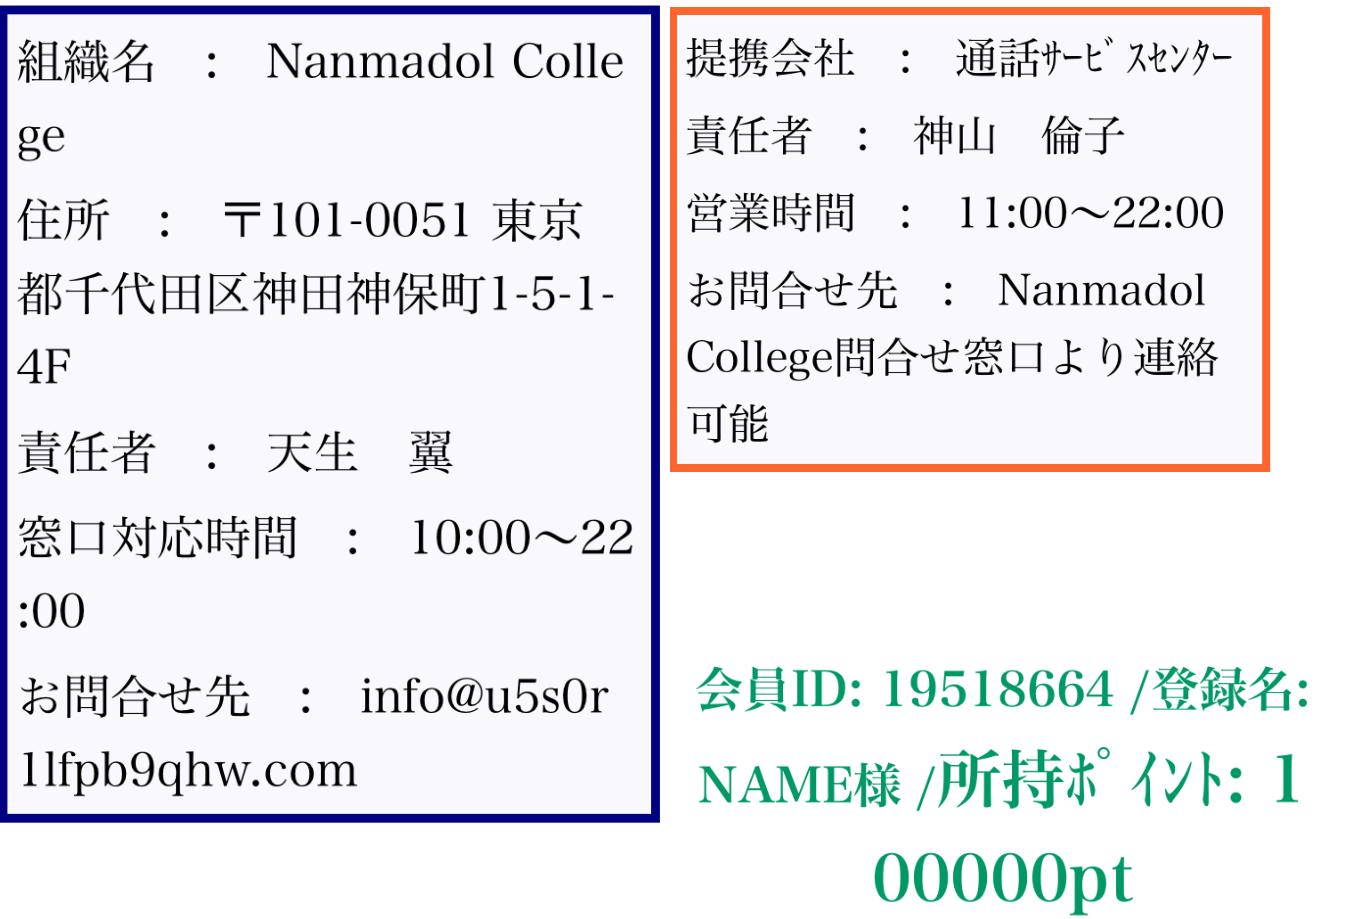 犯罪詐欺出会い系サイト「Nanmadol College/ナンマドルカレッジ」運営会社